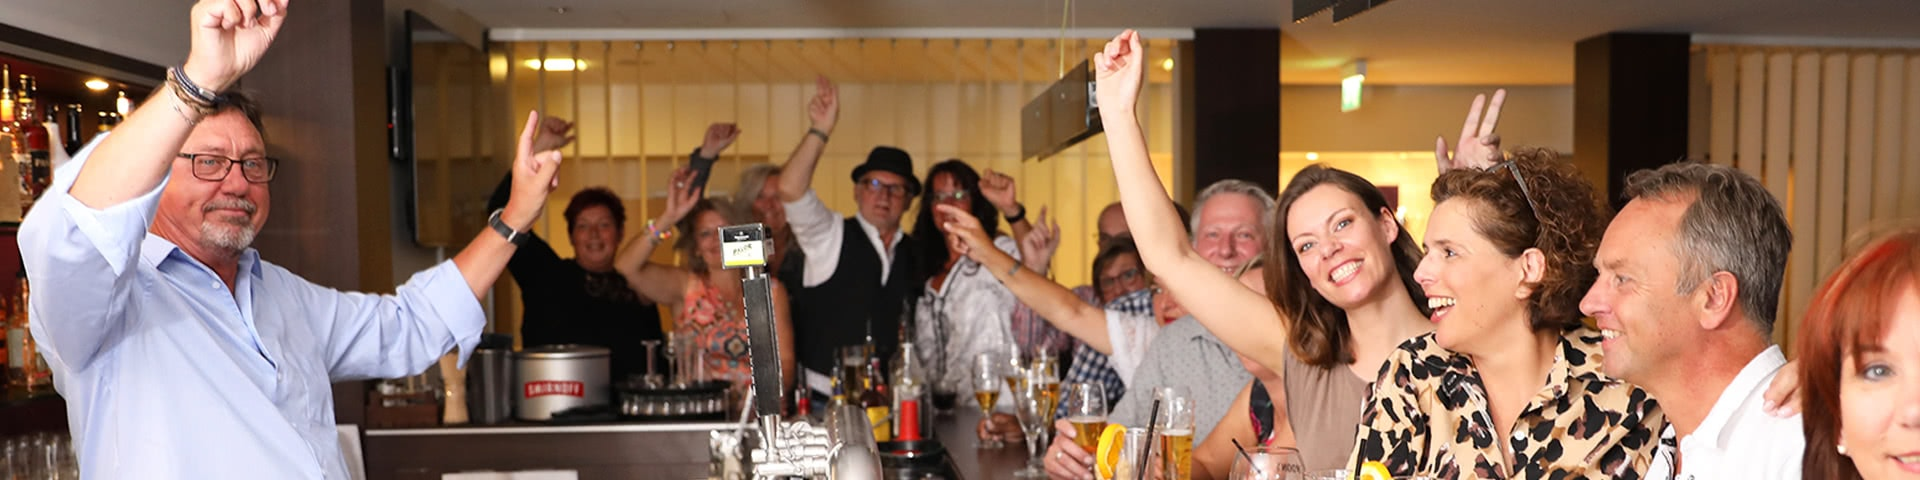 Partystimmung in der Hotelbar in Bielefeld